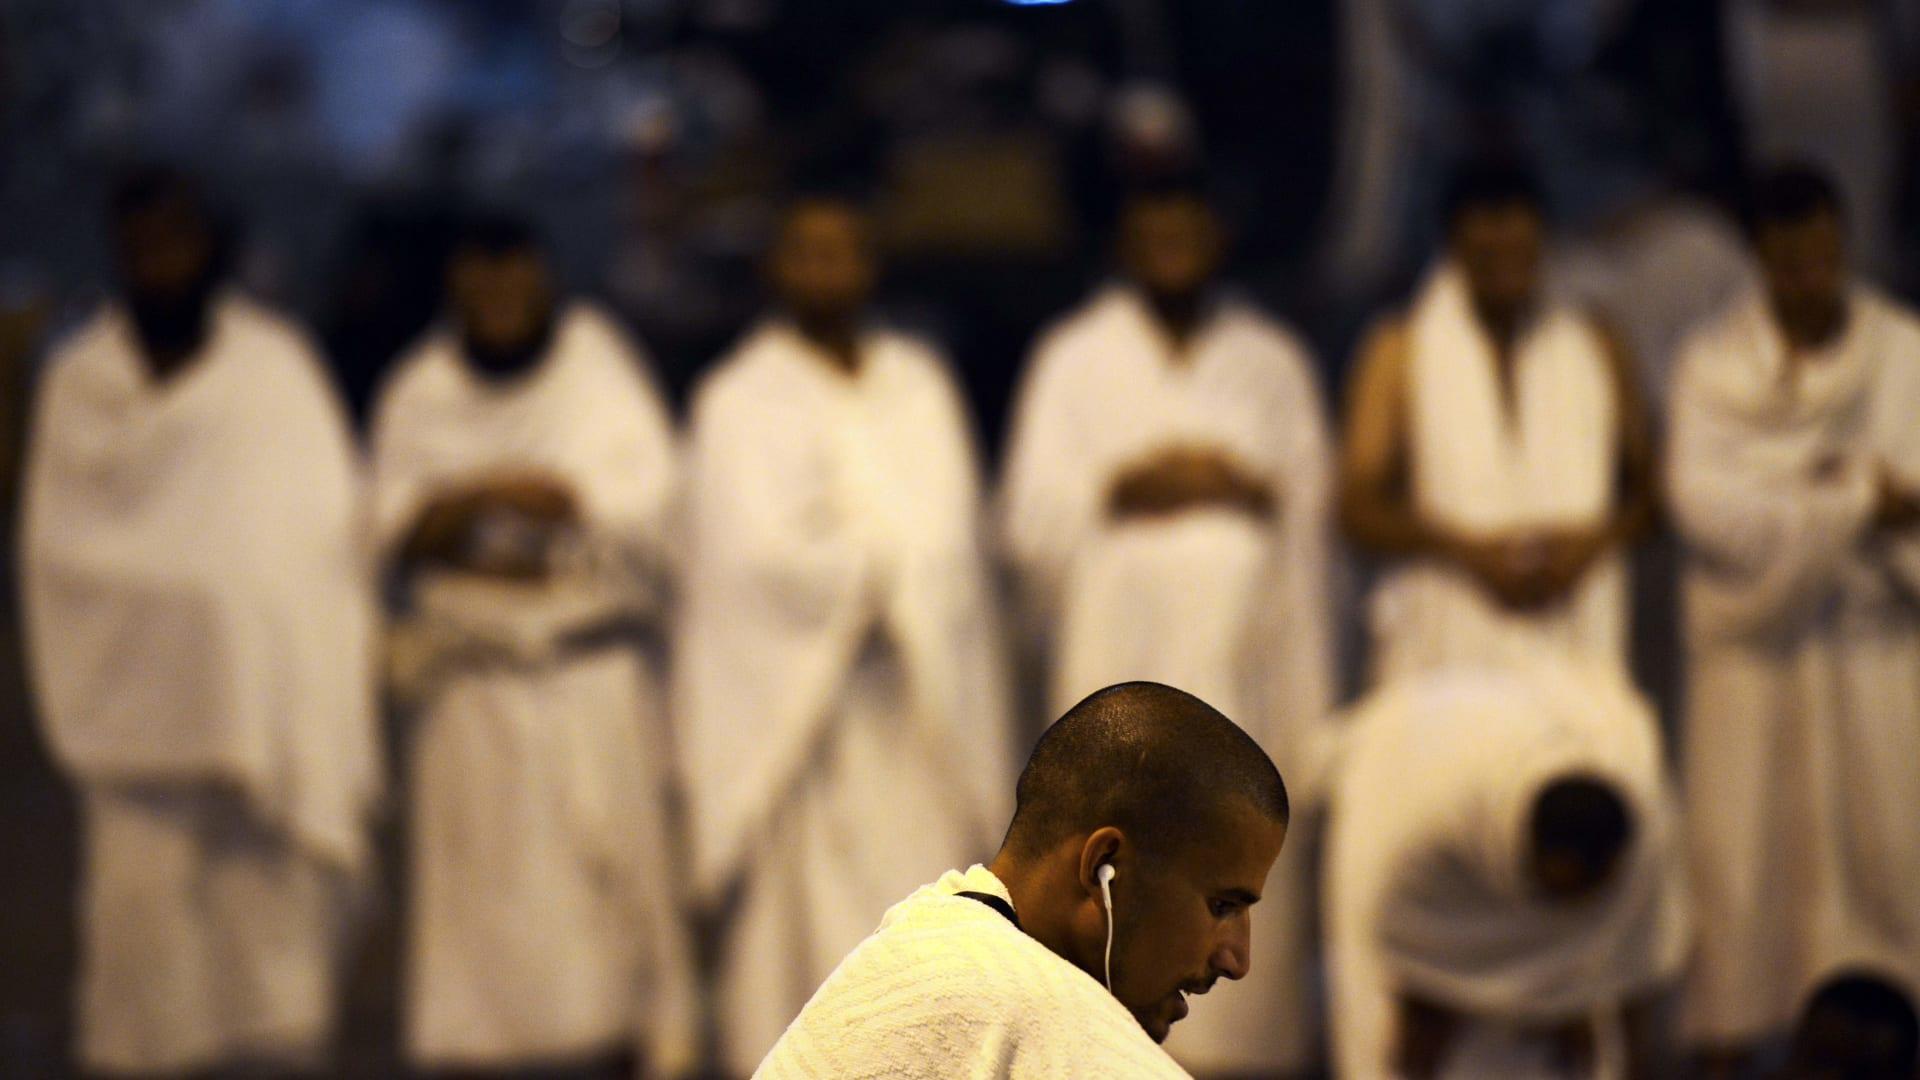 """رئيس """"الهيئة"""" السابق في مكة يثير جدلا بتصريح """"صلاة الجماعة سنة"""""""